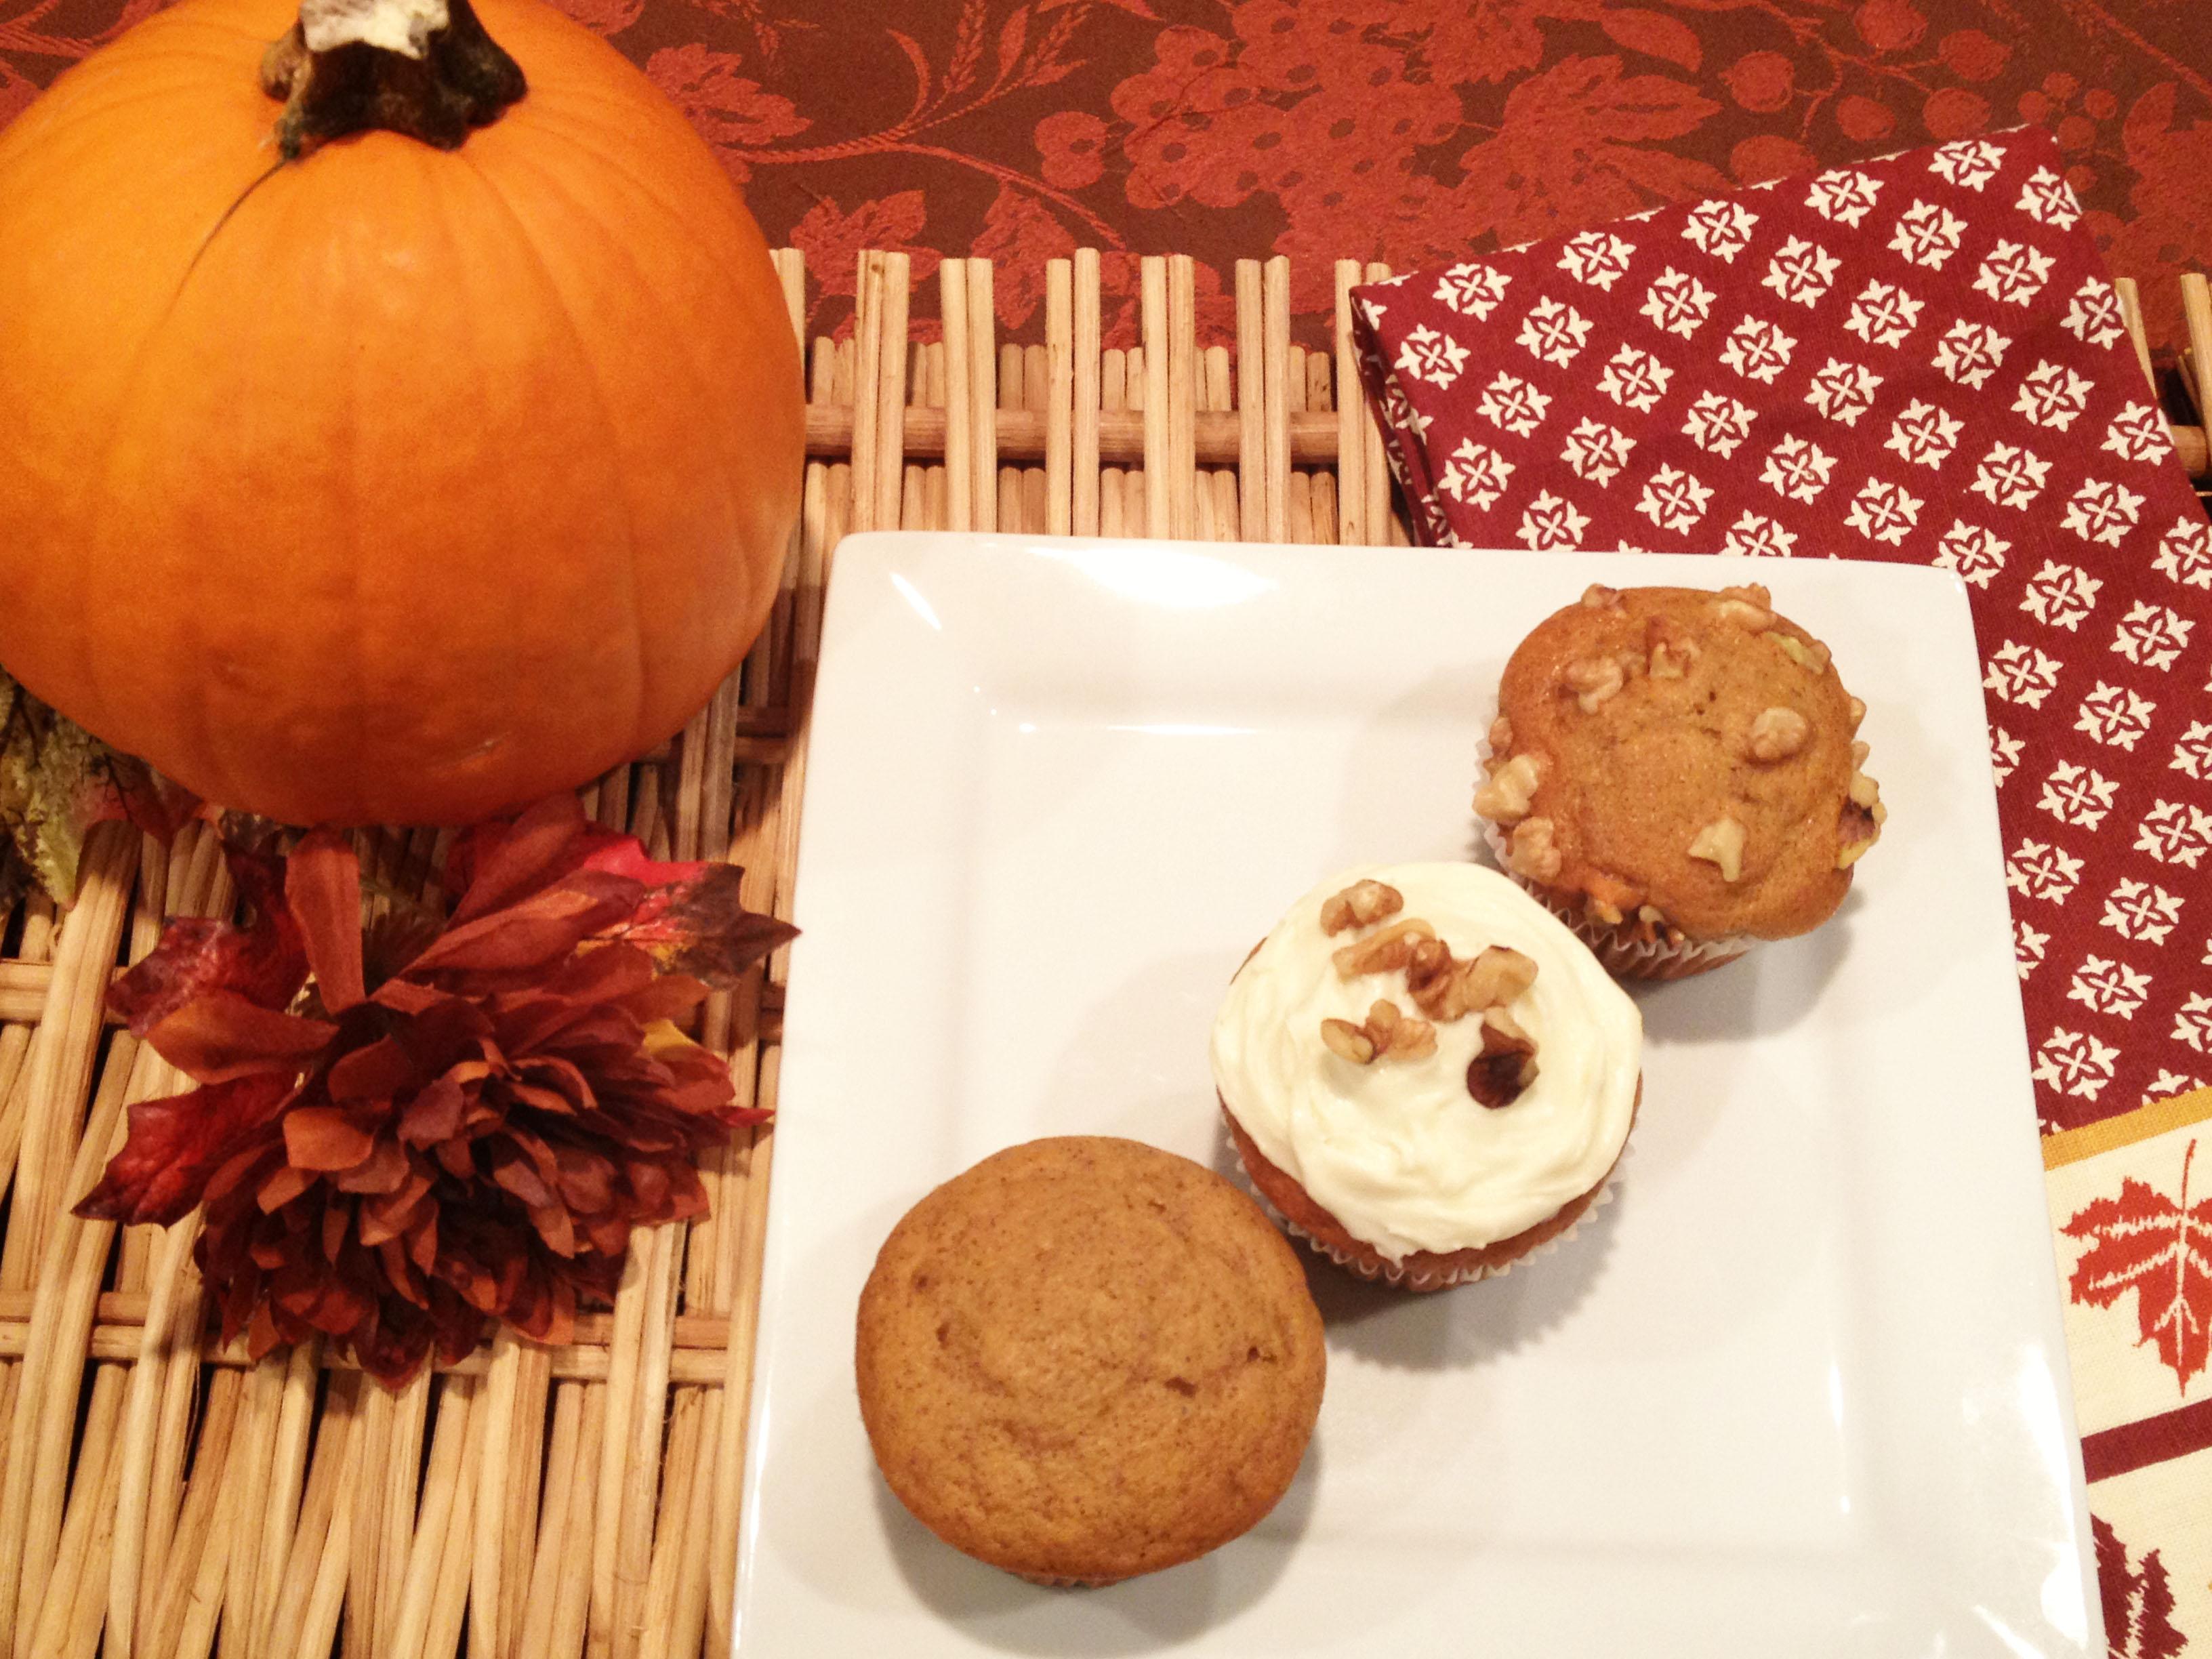 ... & Tell: Honey Pumpkin Muffins W/ Cream Cheese Icing | Life Inspired